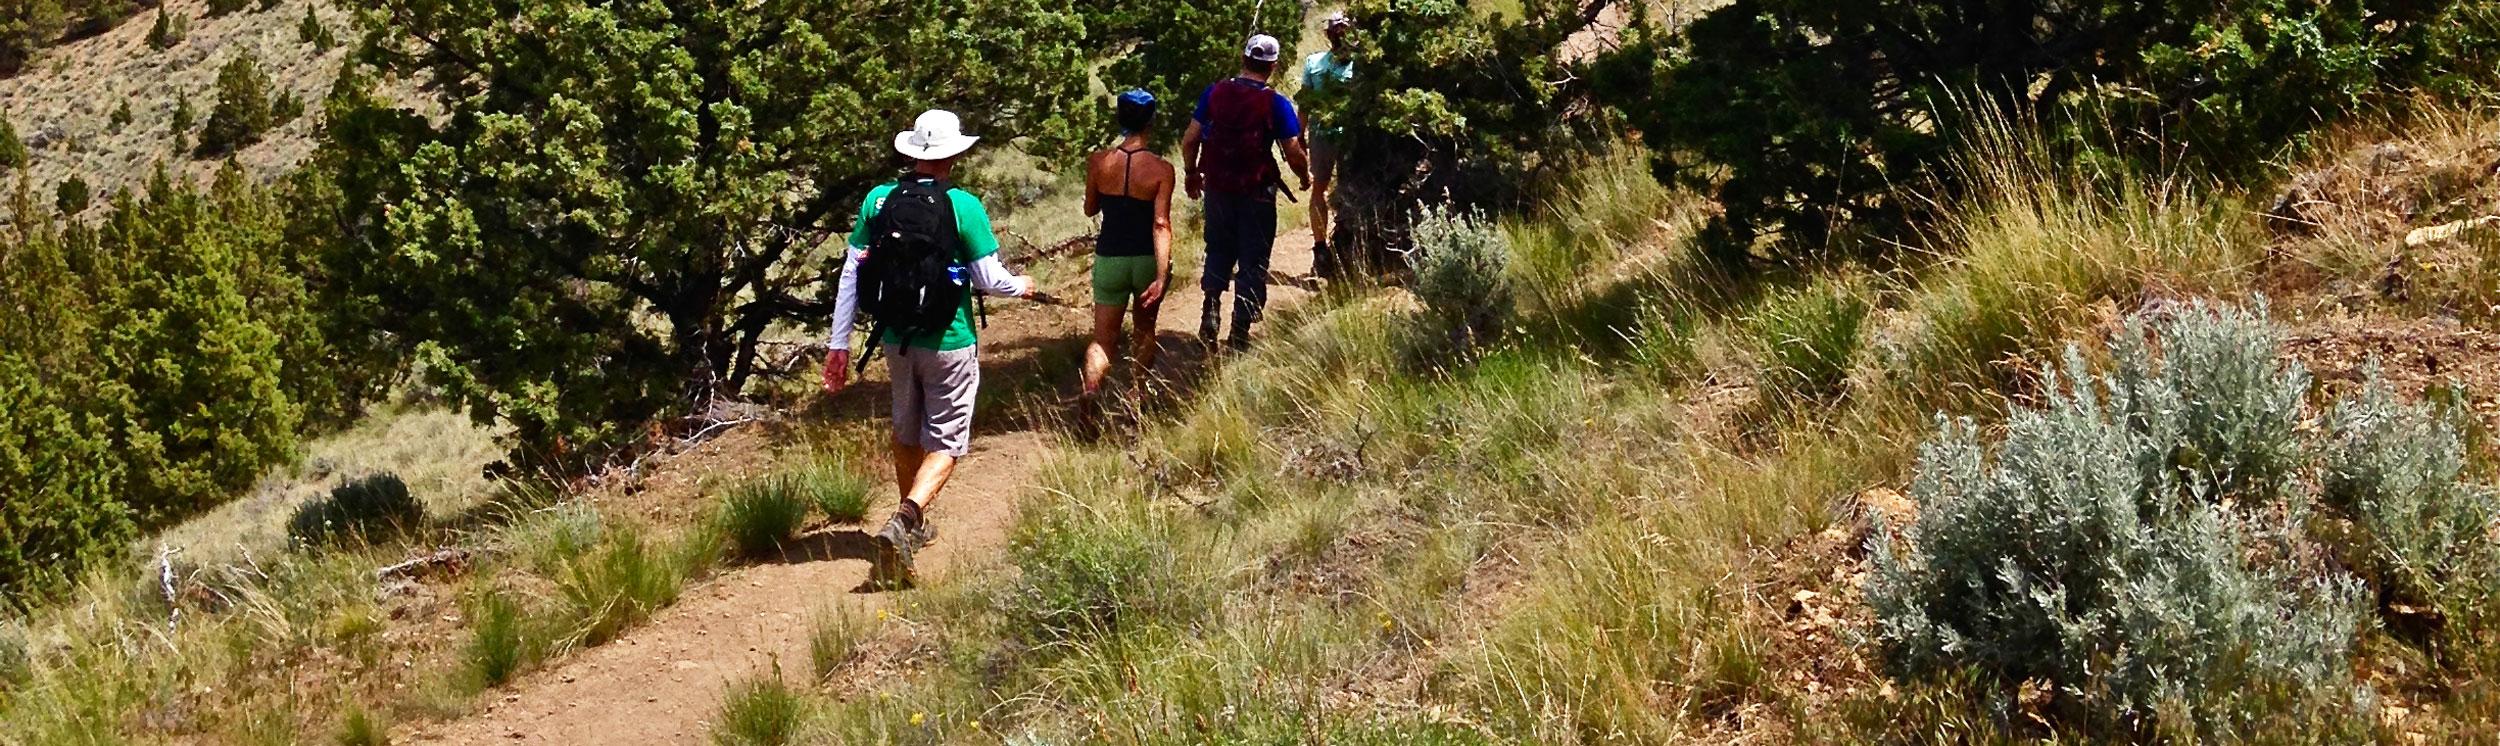 find a - trail